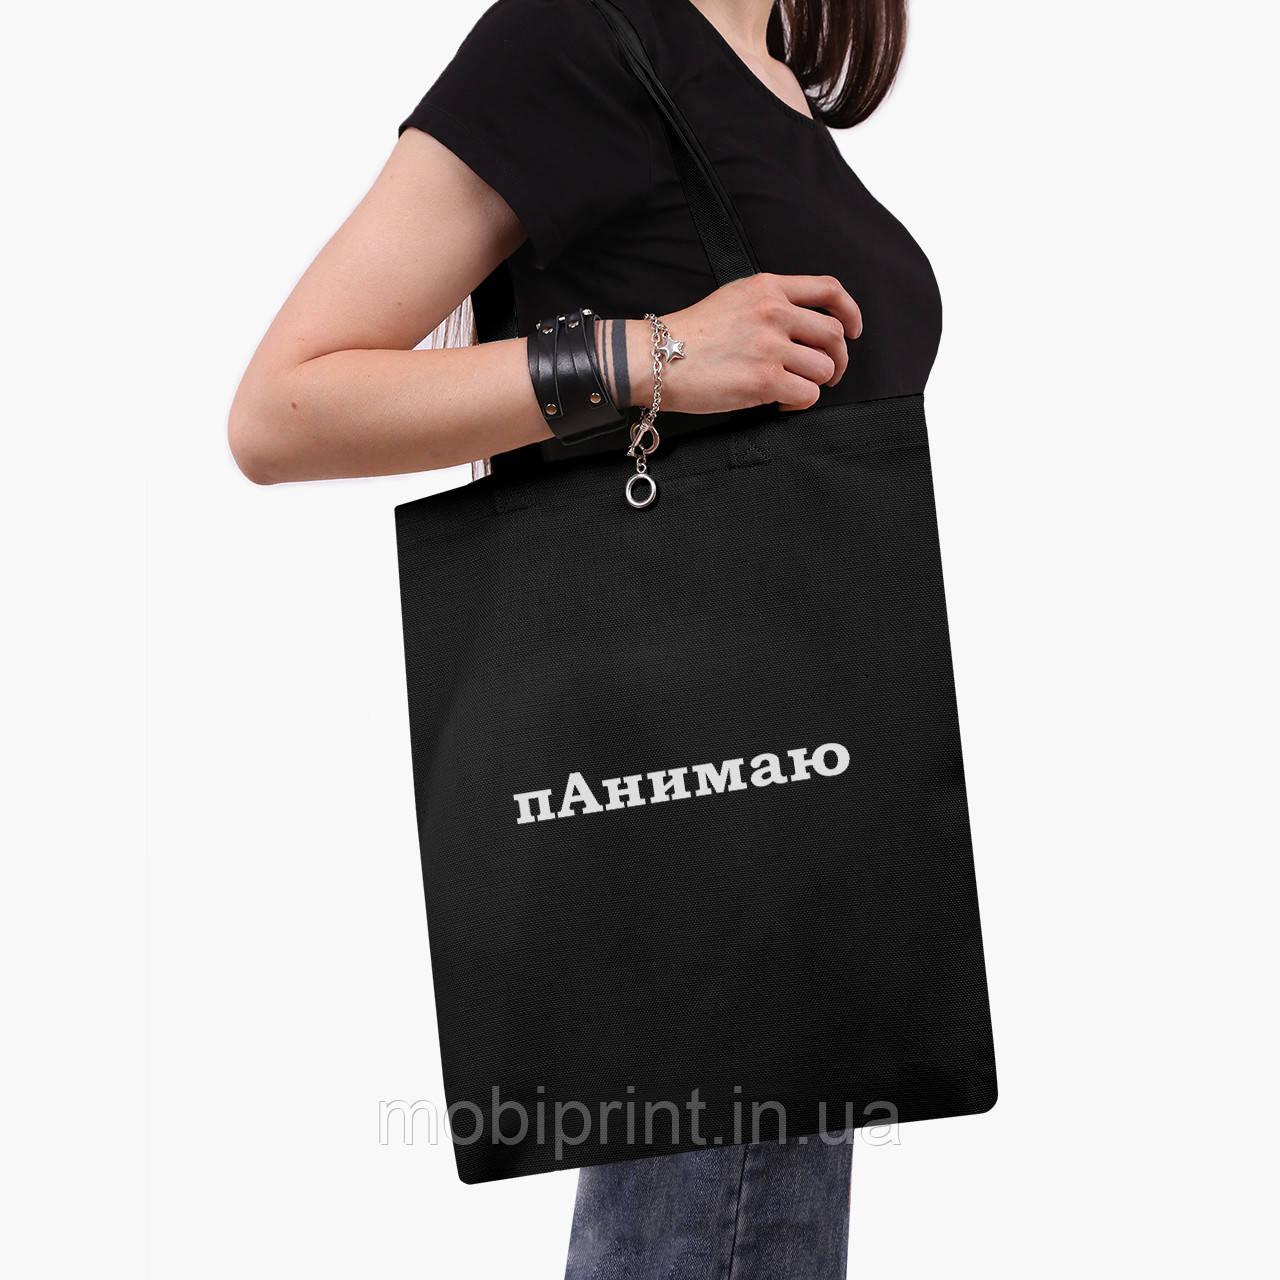 Эко сумка шоппер черная пАнимаю (9227-1282-2)  41*35 см